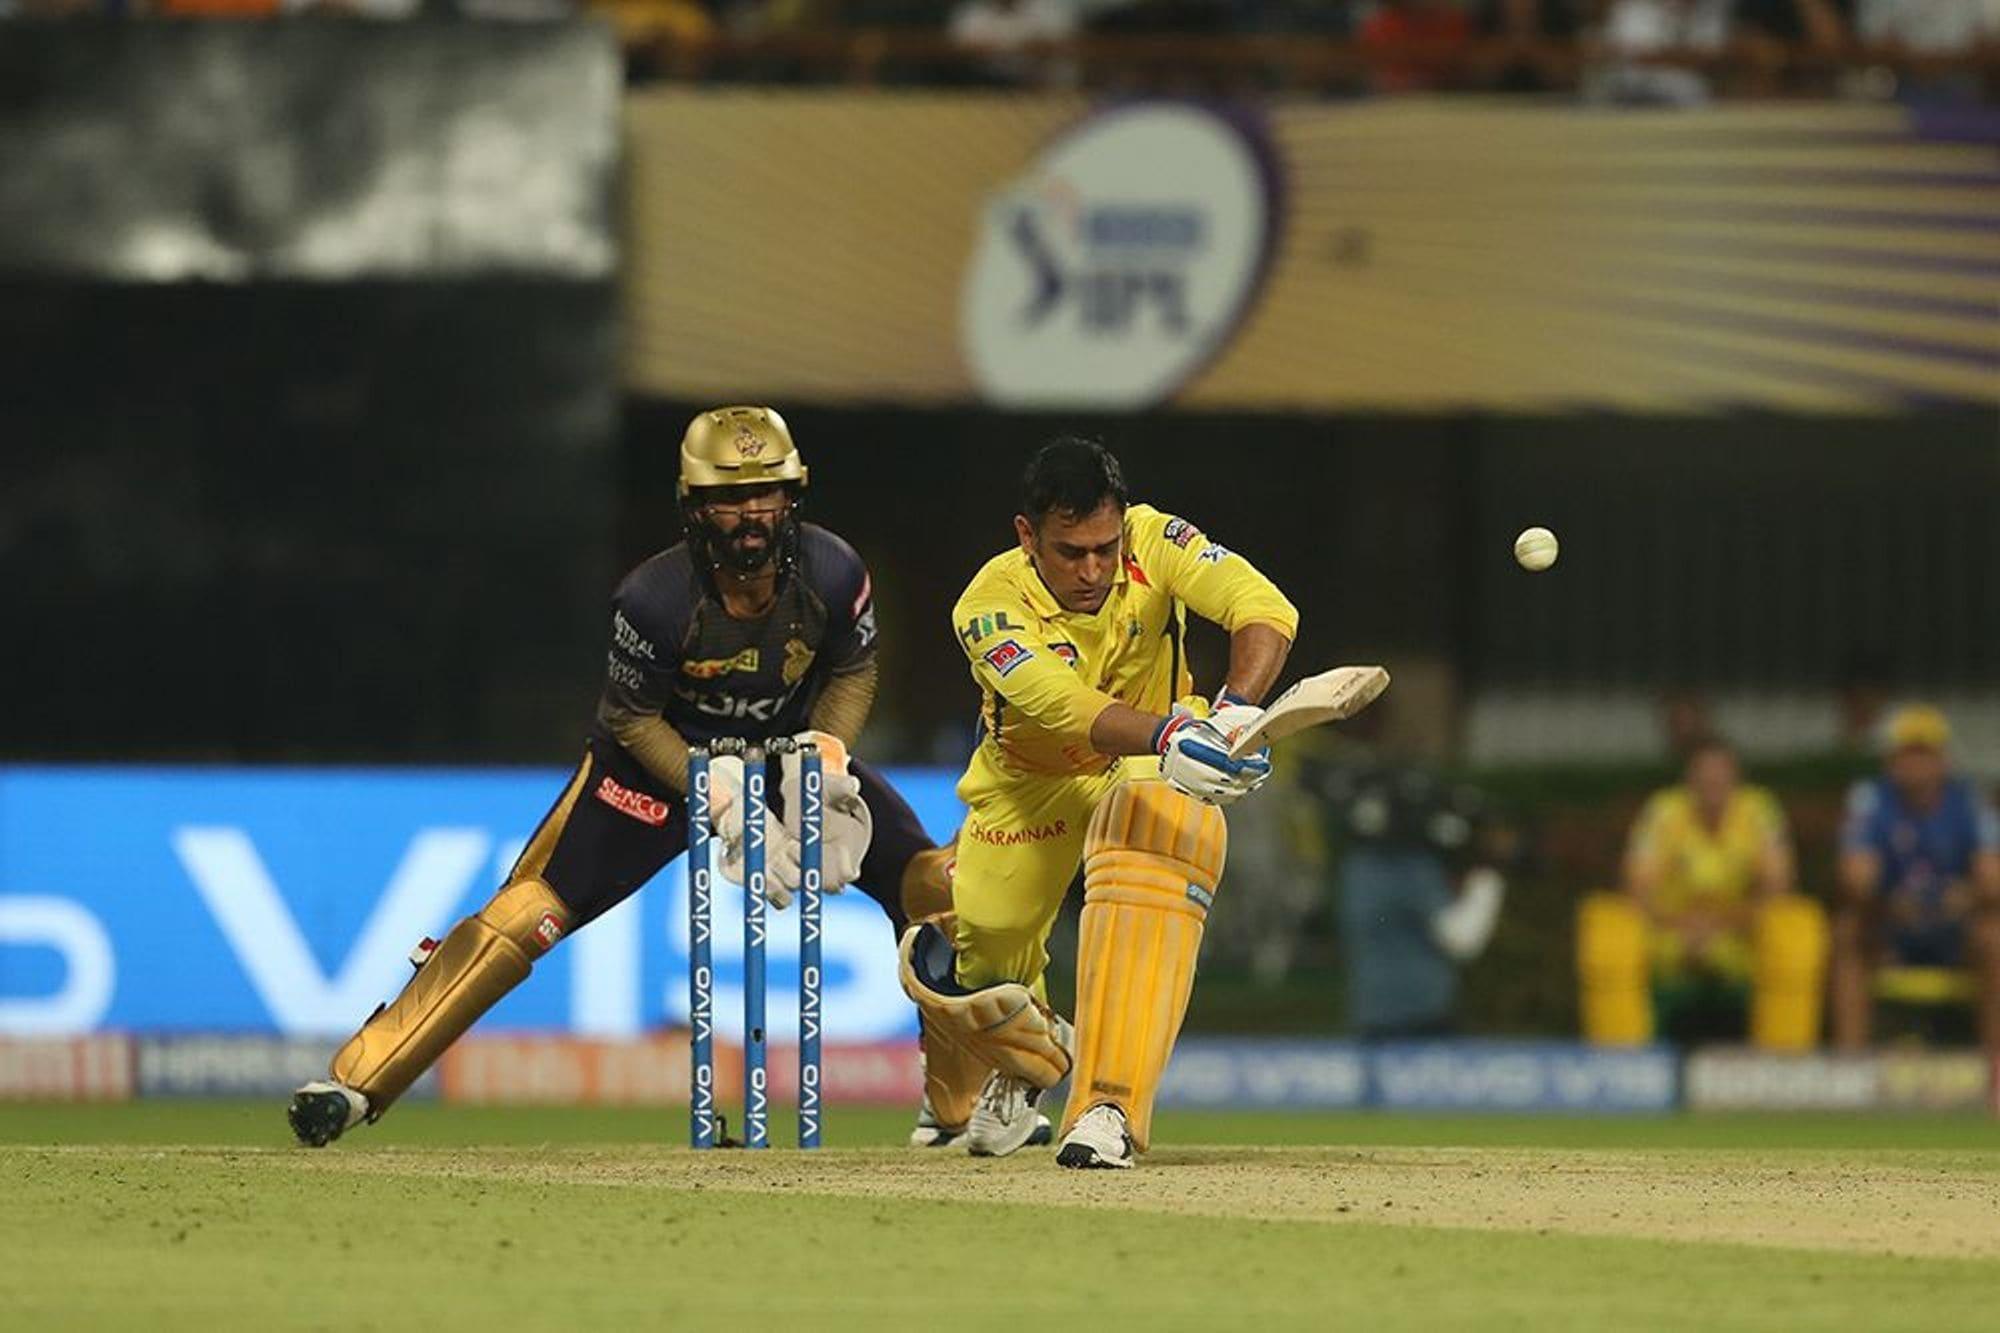 कुछ लोग होतें है जो मिट्टी को भी छू लें तो वो सोना बन जाती है. ये बात एम एस धोनी पर बिलकुल सटीक बैठती है. दिल्ली को 80 रनों से मात देने के बाद एक बार फिर क्रिकेट एक्सपर्ट हर्षा भोगले ने धोनी से पूछा कि चेन्नई की सफलता का राज क्या है? लेकिन धोनी ने जवाब नहीं दिया, उन्होंने बातें गोल-गोल घुमा दी. चलिए धोनी ने तो चेन्नई की जीत का राज नहीं खोला लेकिनहम आपको बताते हैं कि धोनी की इस सफलता का राज आखिर है क्या... (PC -IPL)